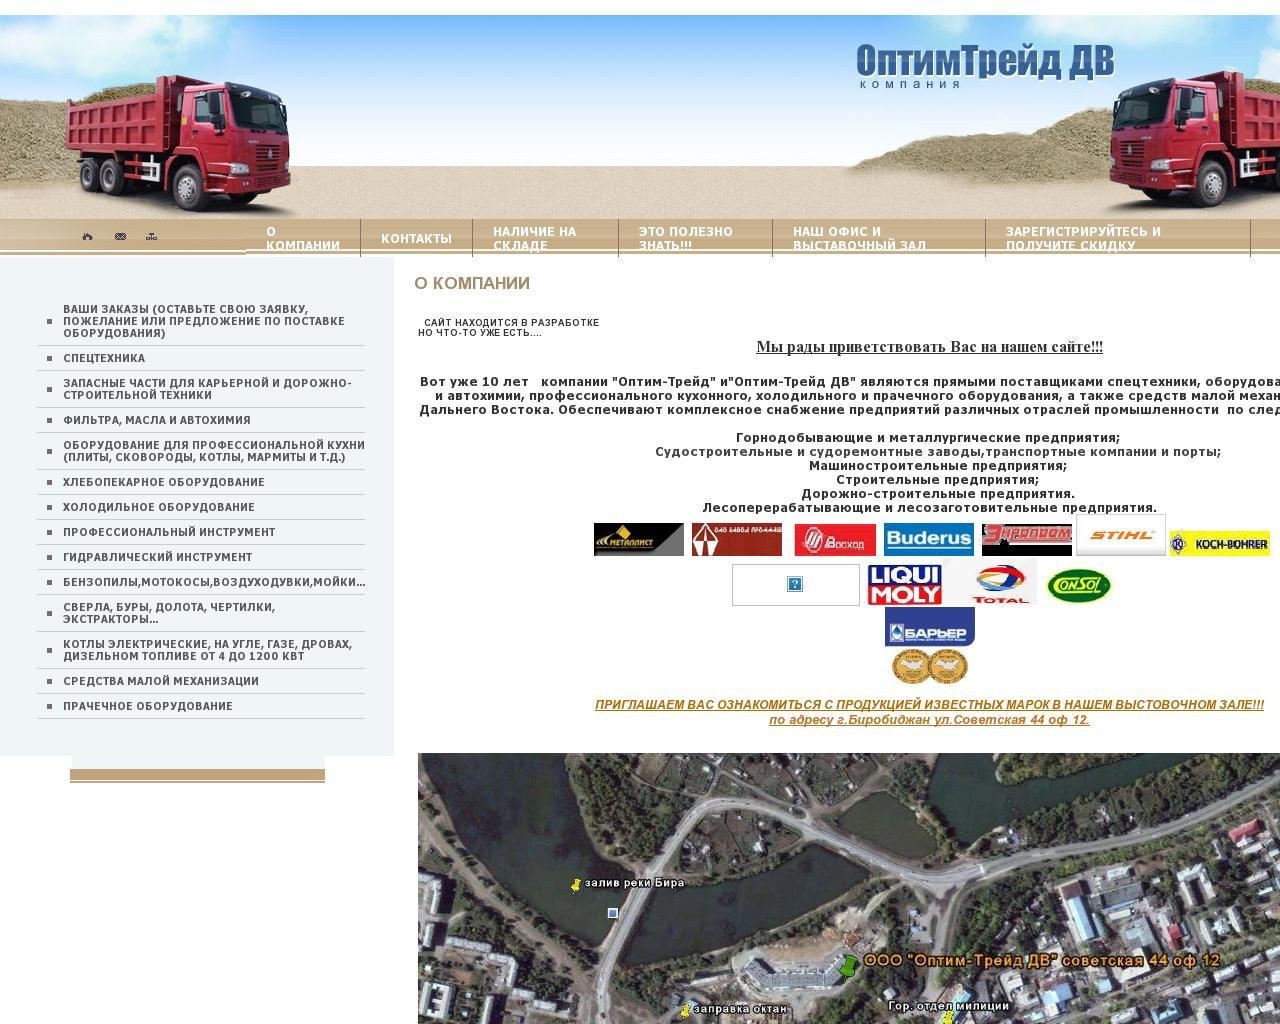 транспортные компании г биробибжана обеих частях дома